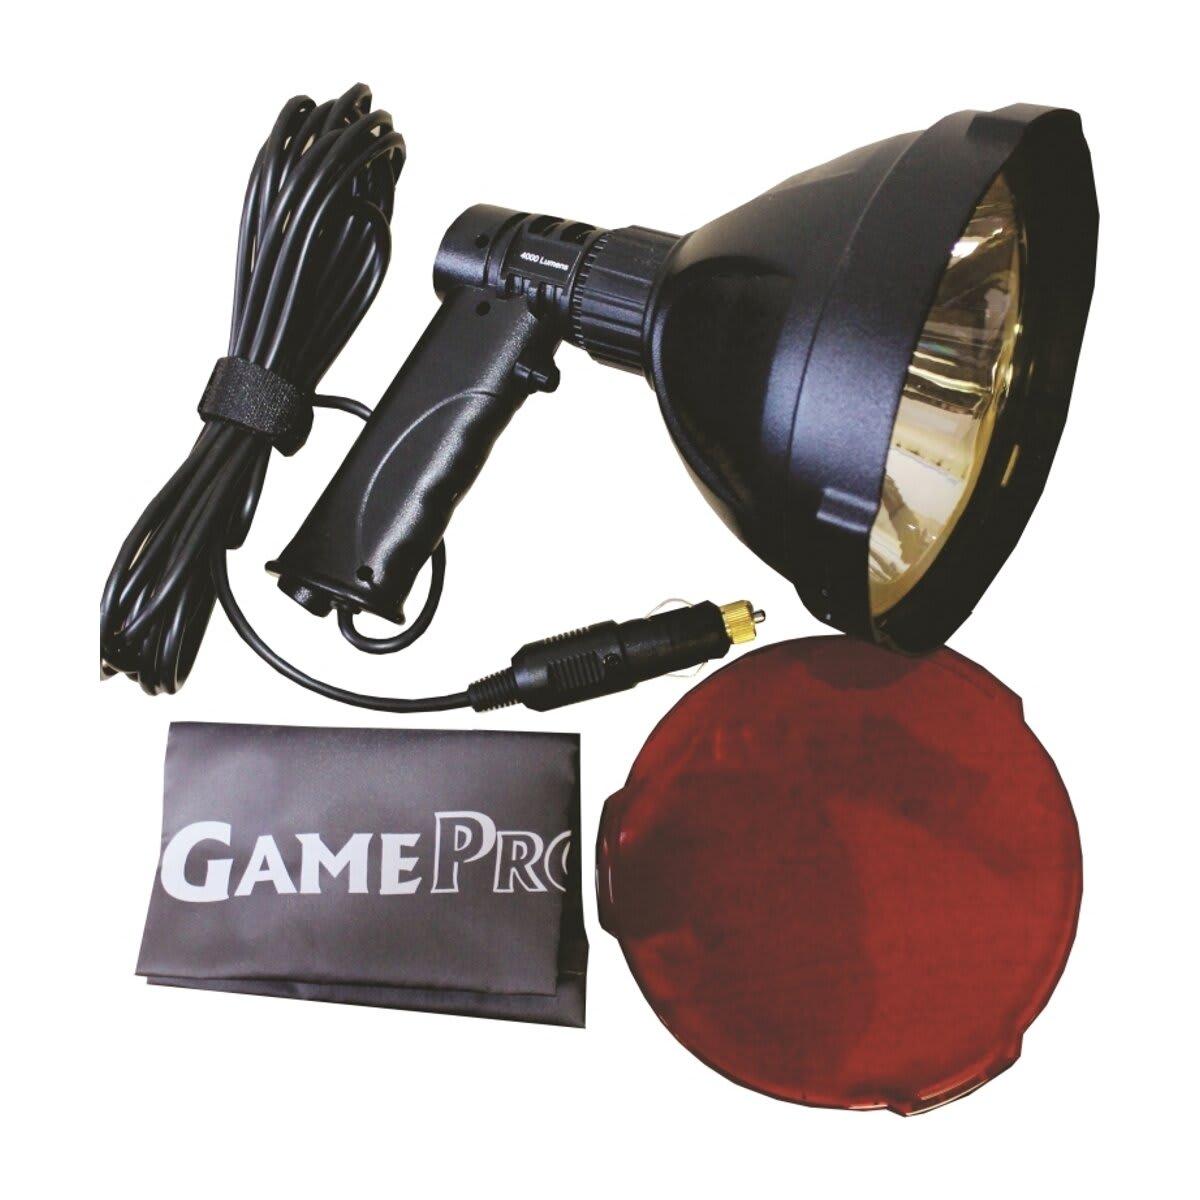 GamePro Tyto 12V Spotlight